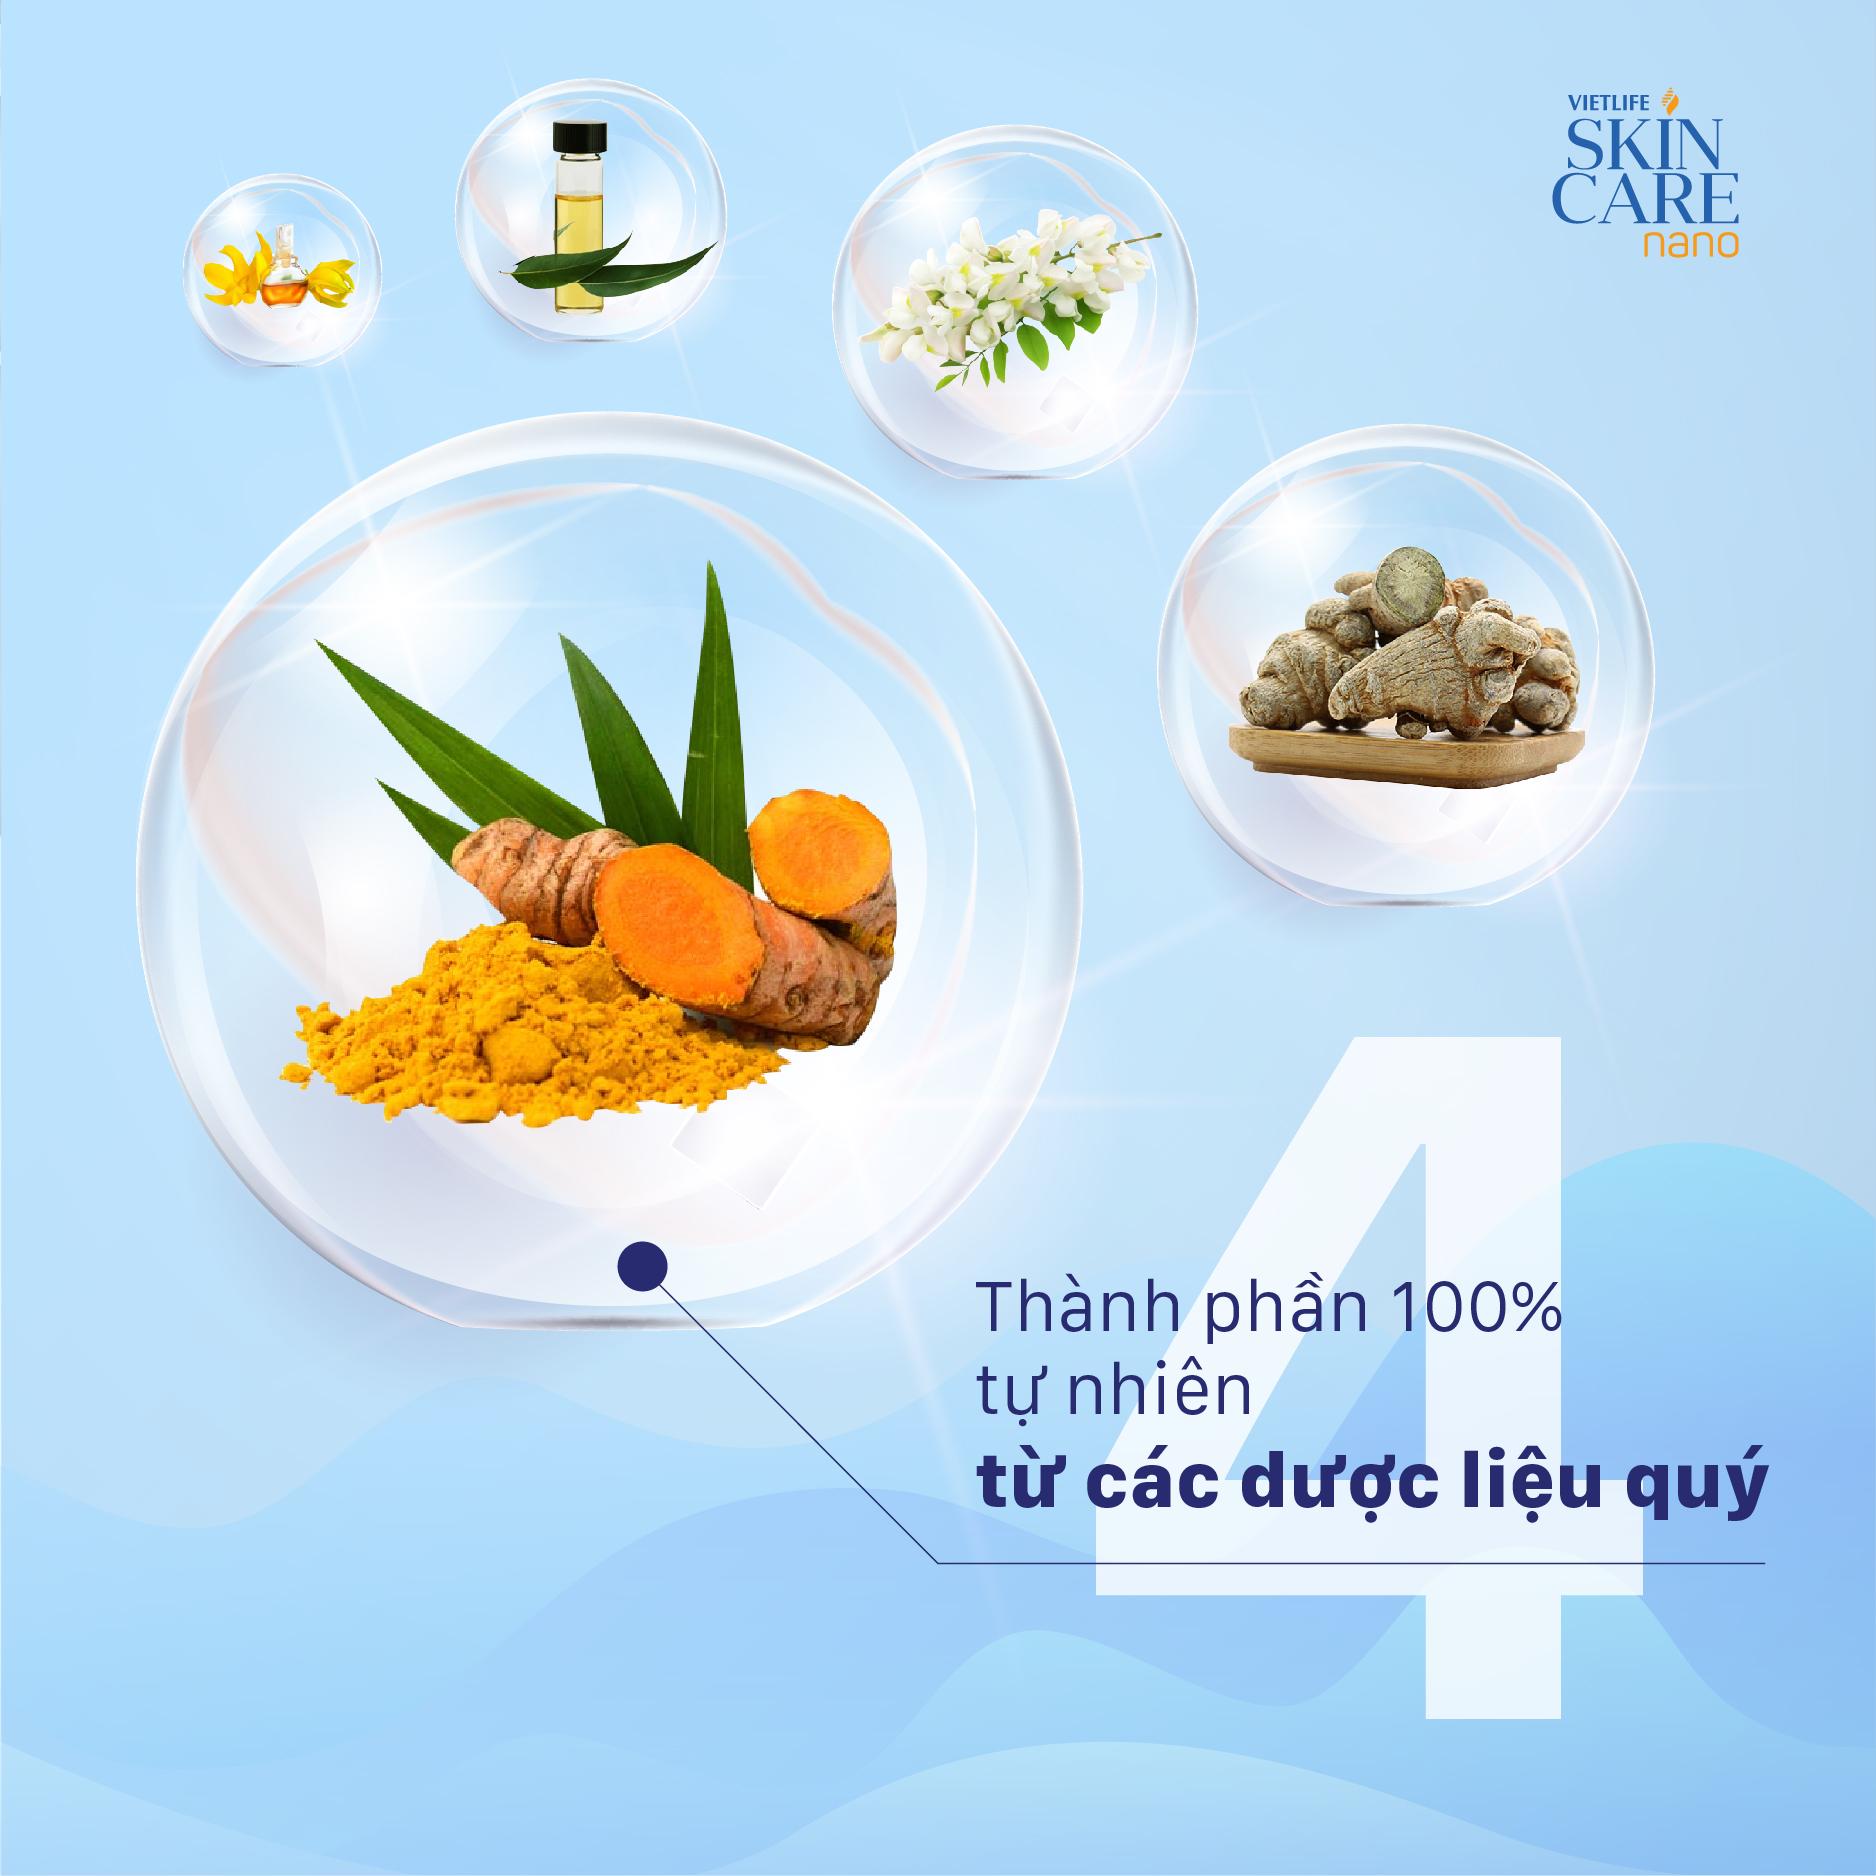 Thành phần Vietlife Skincare Nano & tác dụng chi tiết lên mụn, sẹo, thâm 4